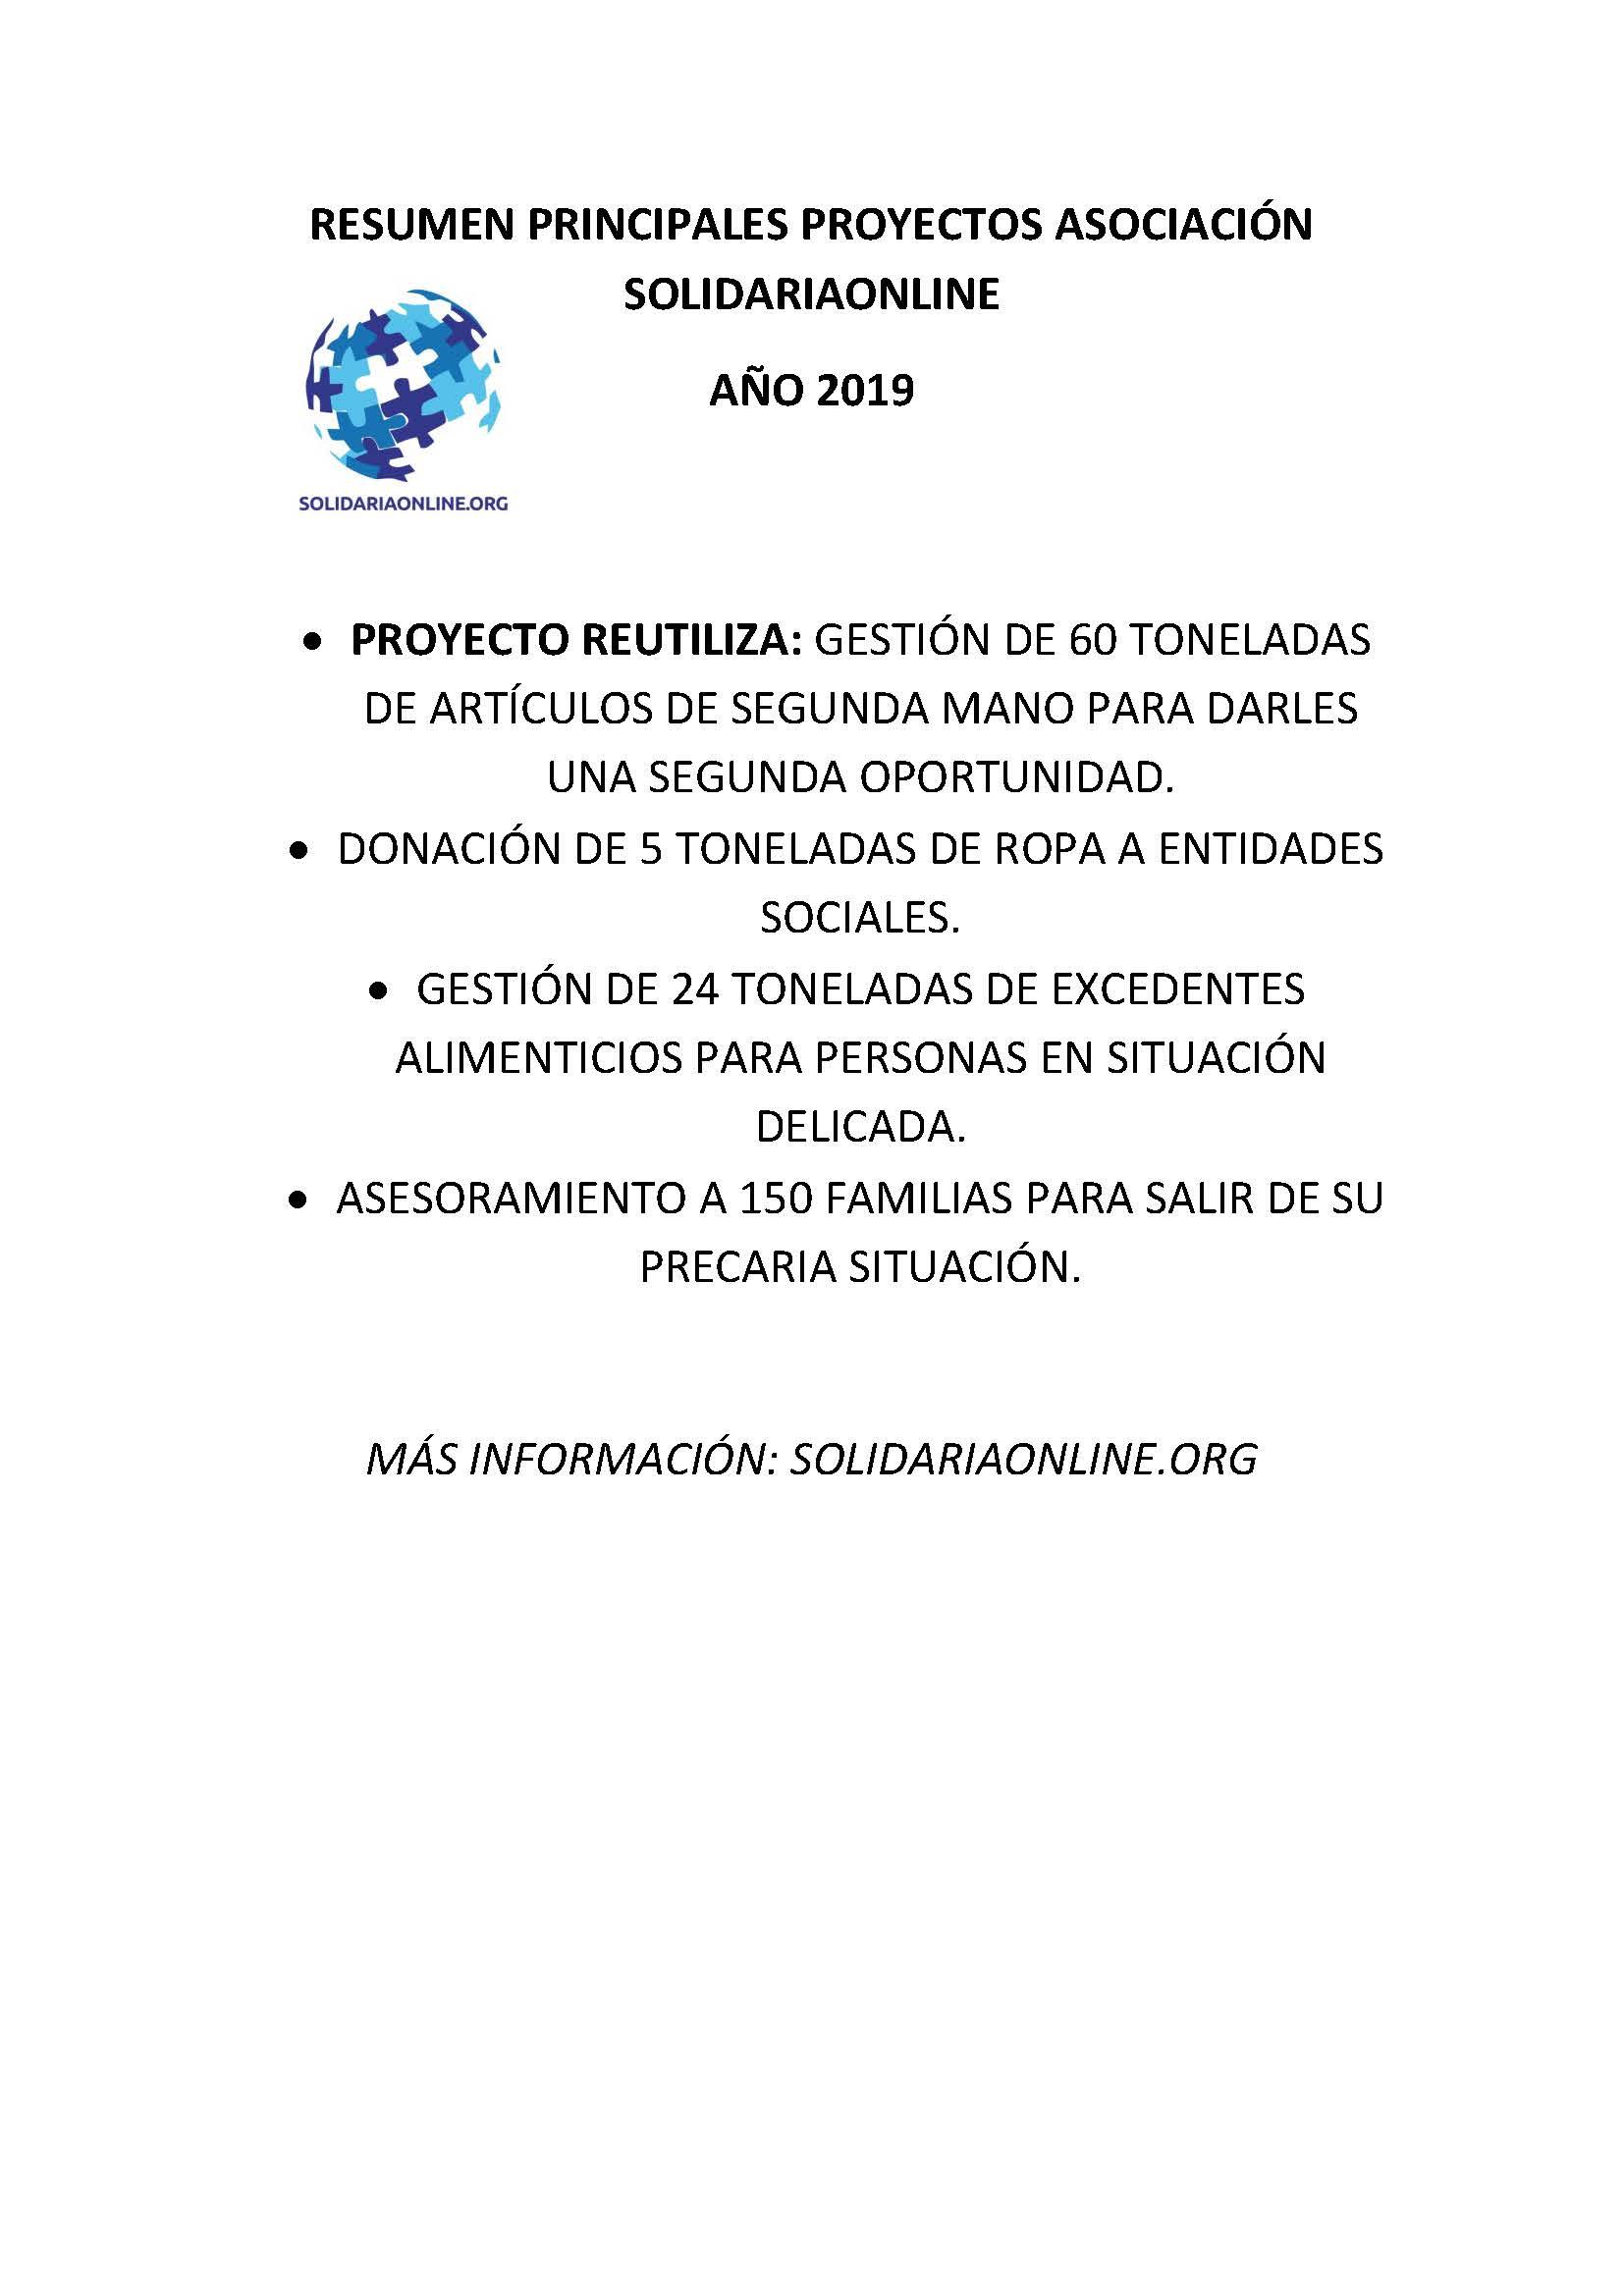 RESUMEN PRINCIPALES PROYECTOS ASOCIACIÓN SOLIDARIAONLINE 2019